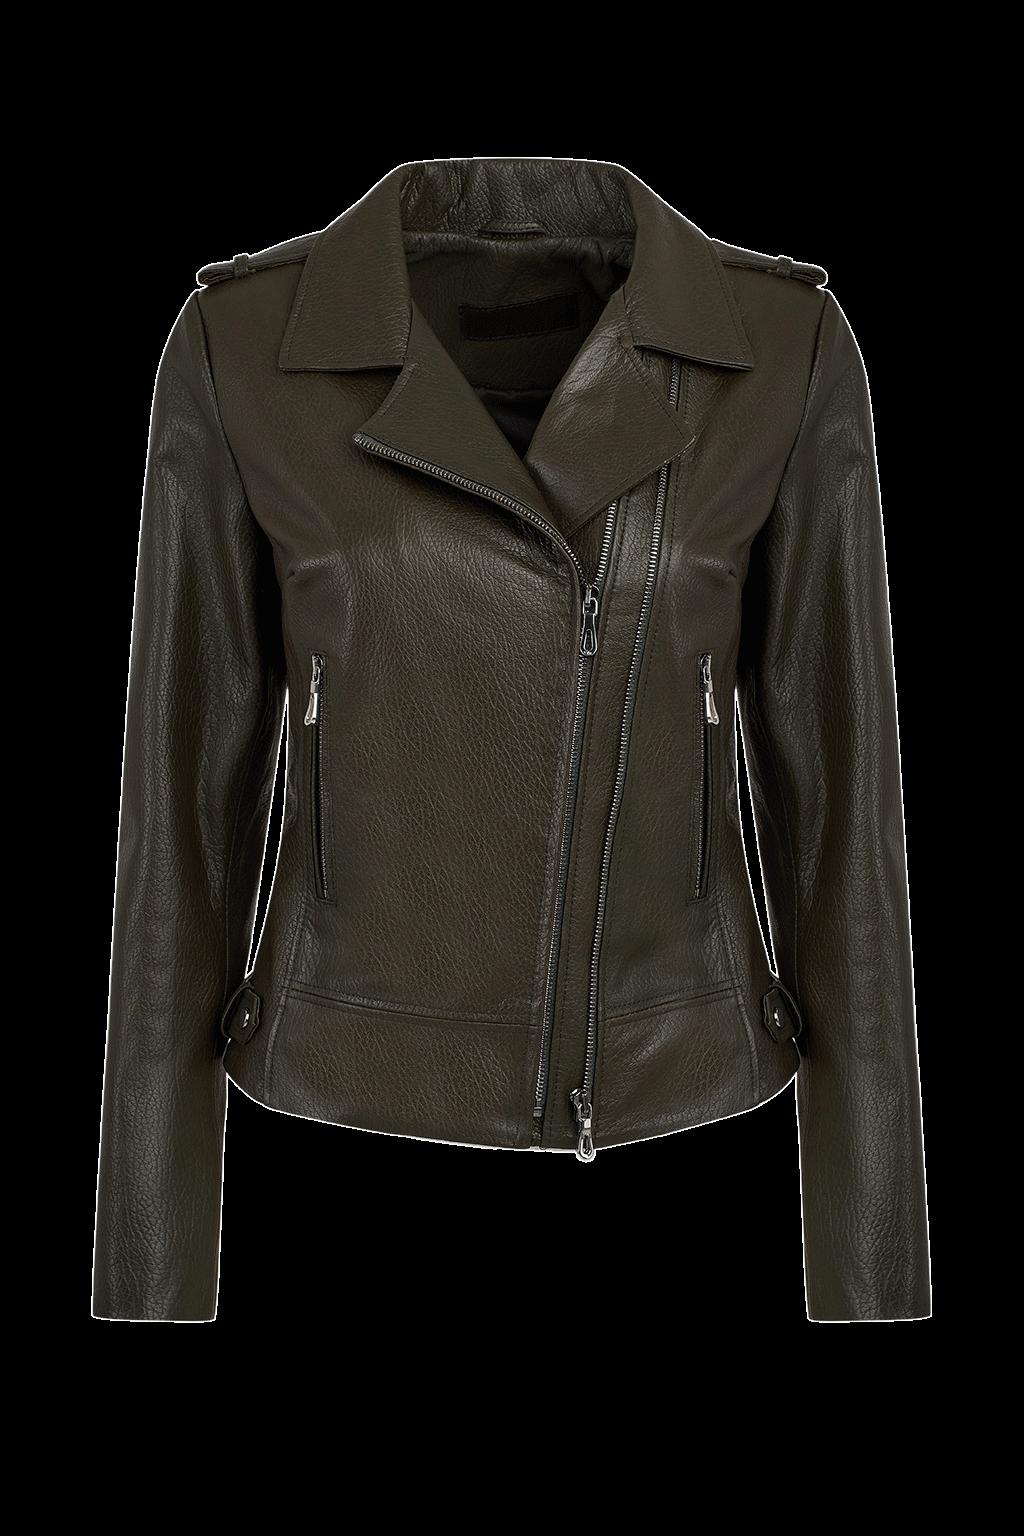 Women's Leather Biker Jacket - Olive Green